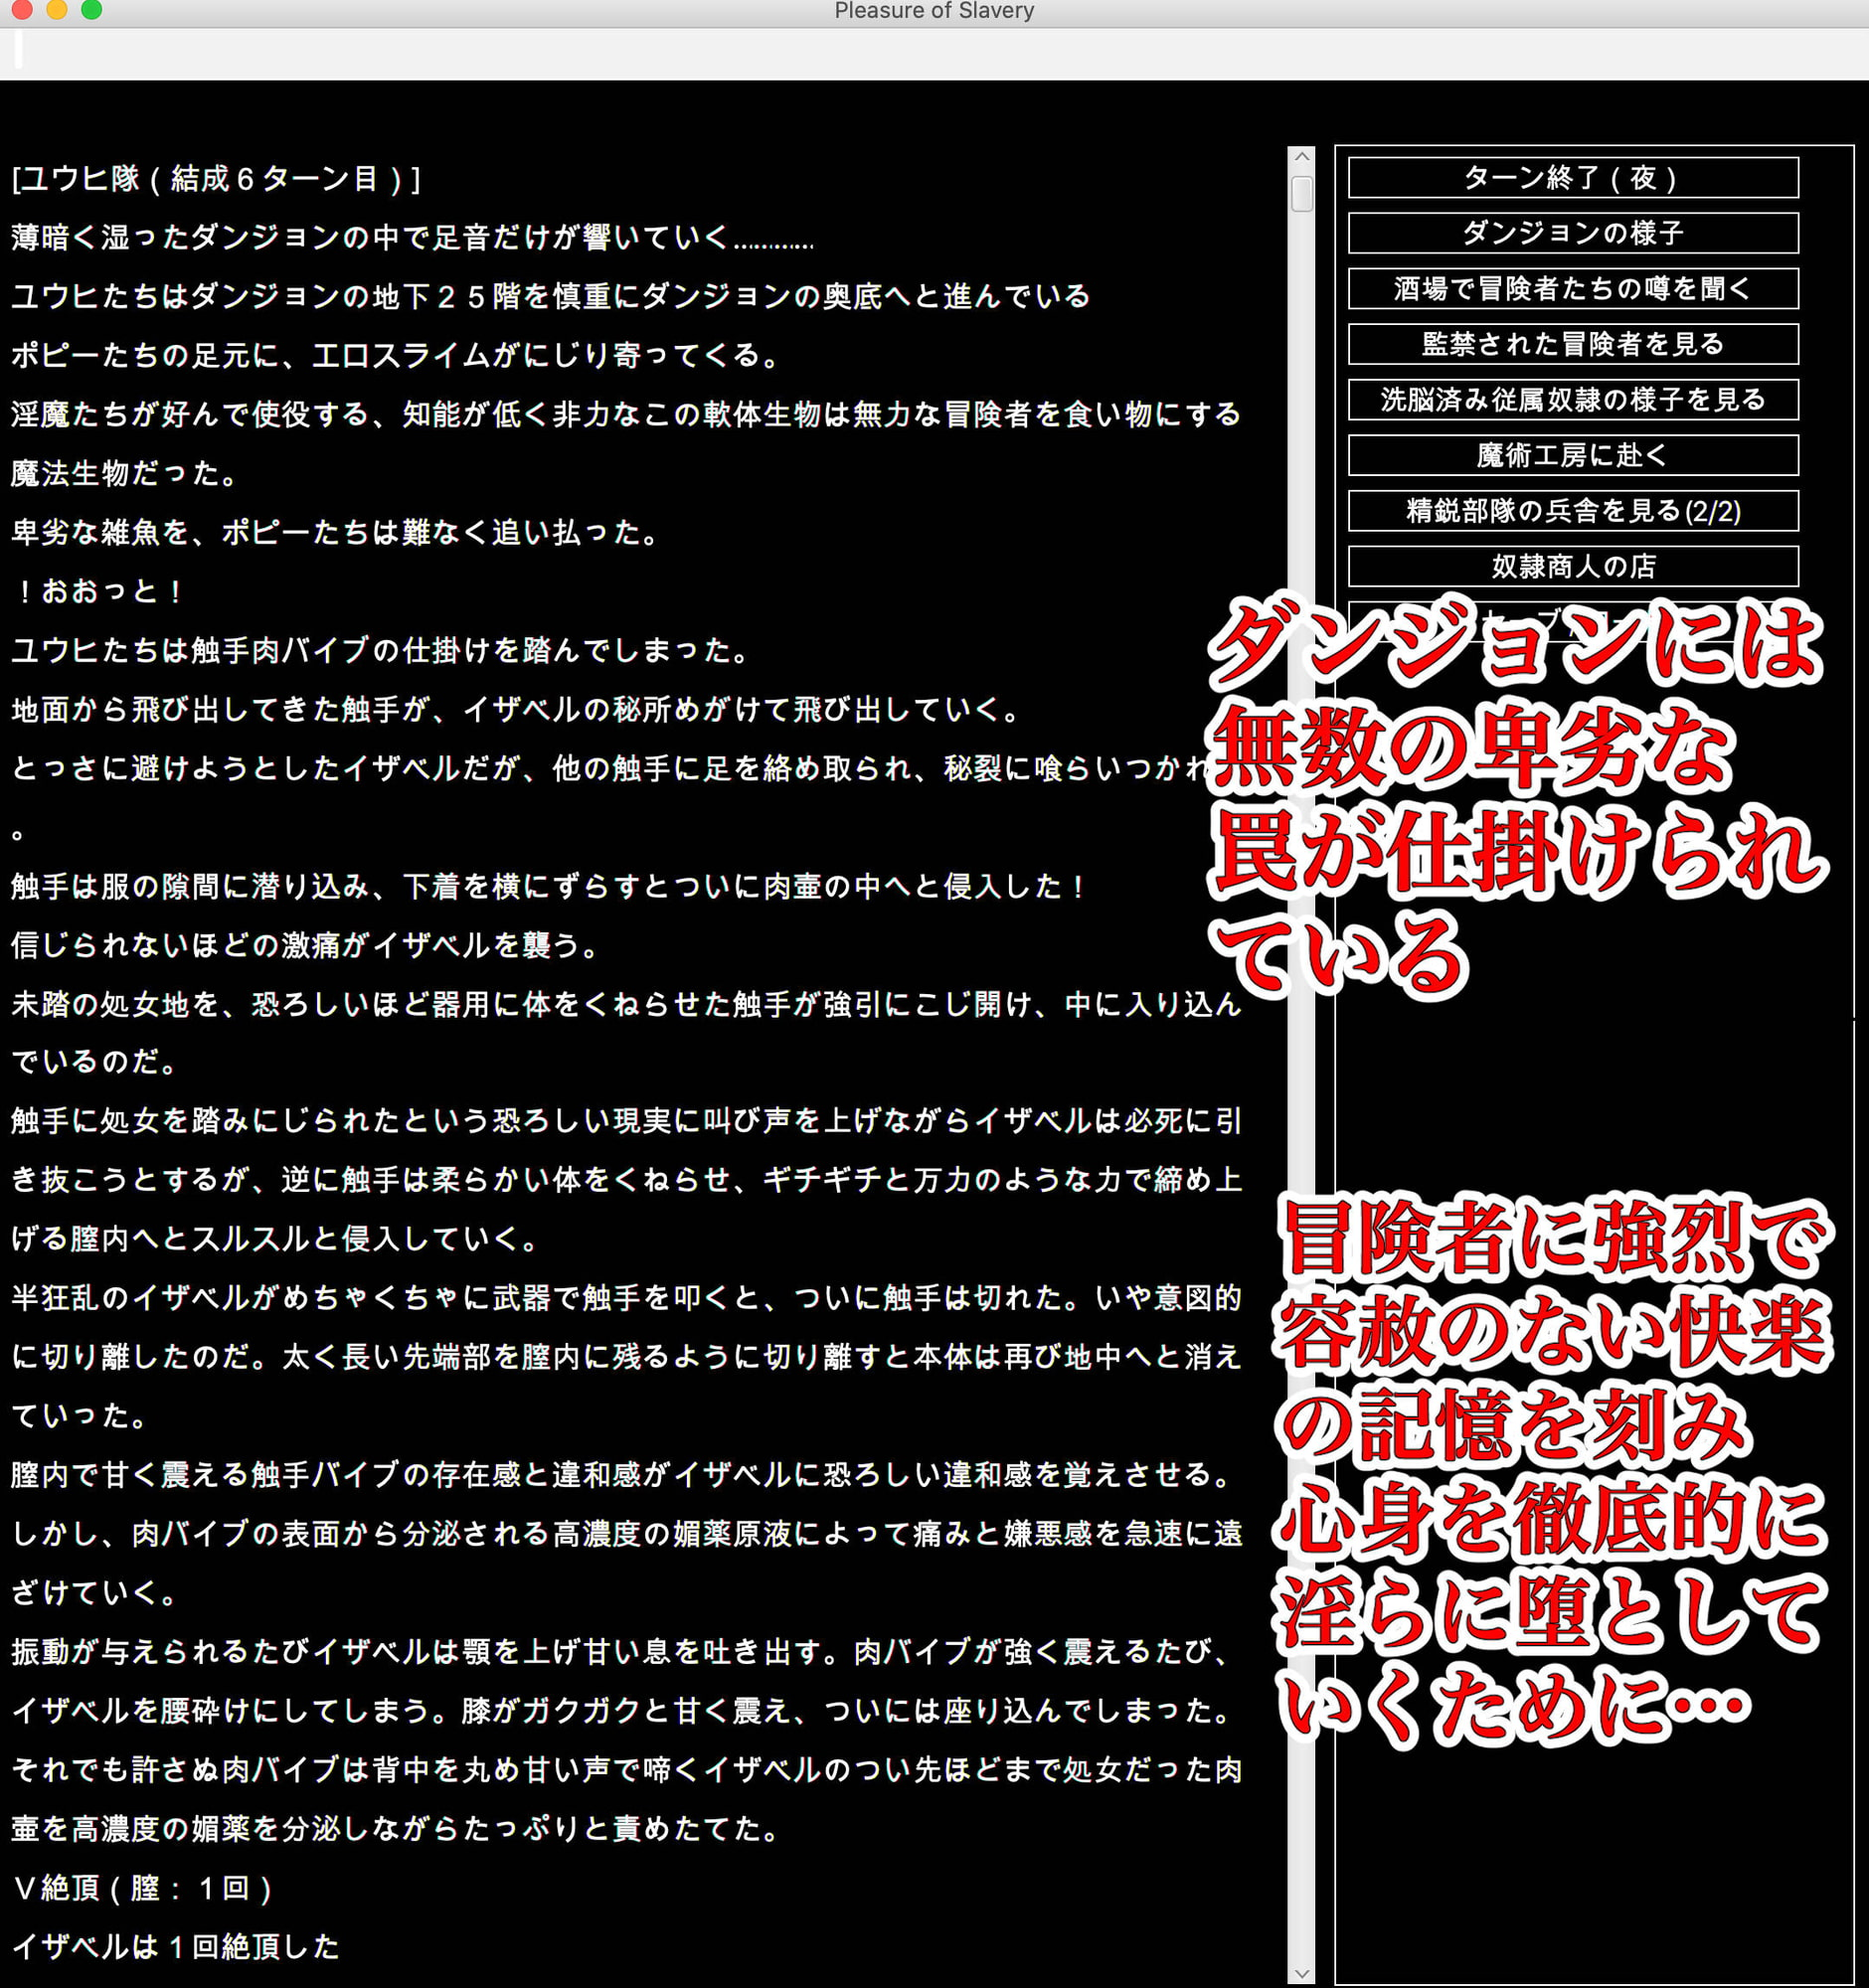 陵辱異種姦ダンジョン〜敗北した女冒険者は魔物の孕み袋〜2